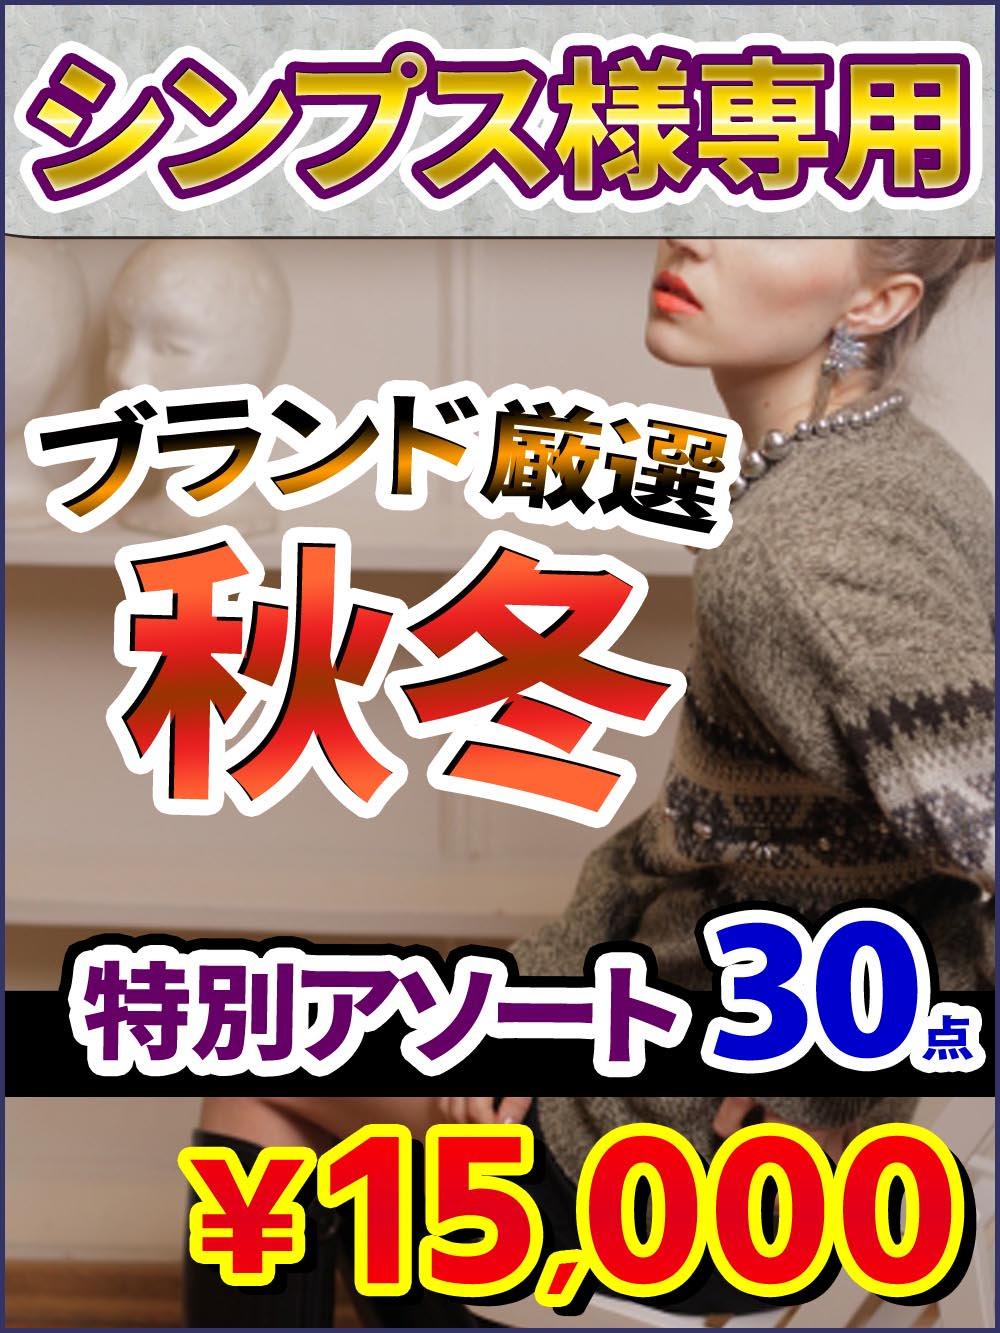 【シンプスジャパン専用】秋冬ブランド厳選!特別アラカルト 【30点】15,000円